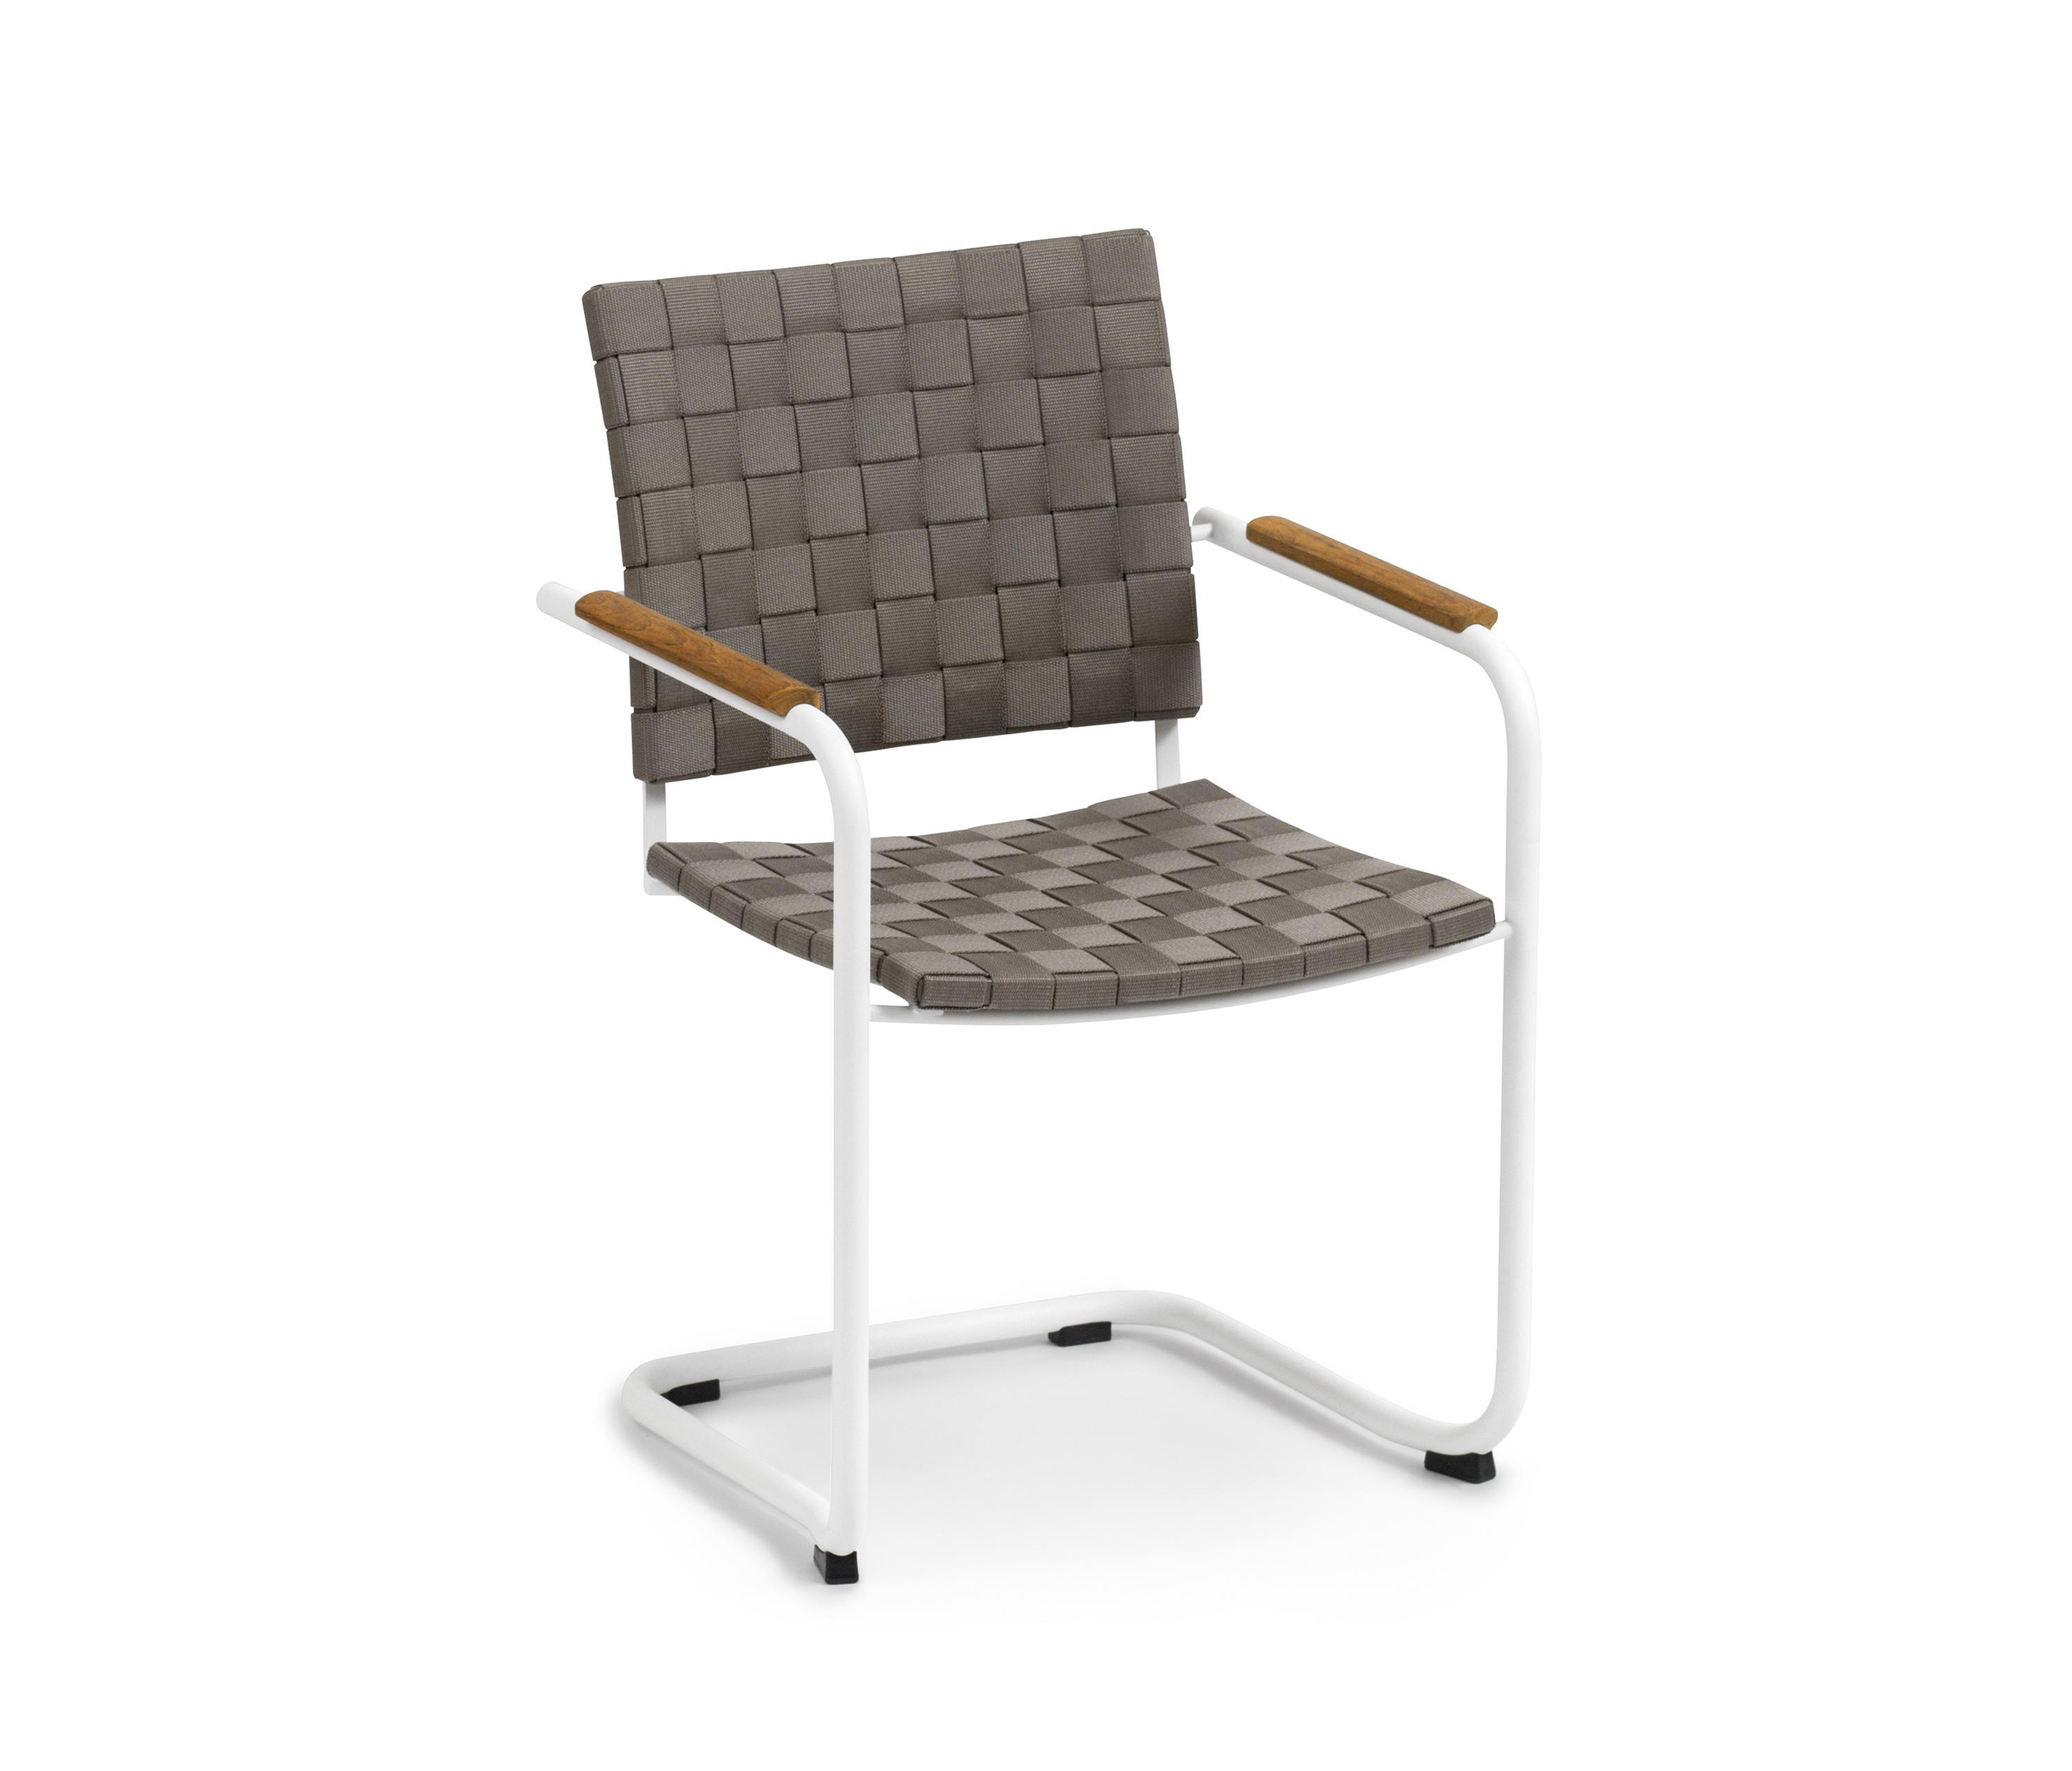 Großartig Möbelgeschäfte Dresden Ideen Von Prato Belt Armchair By Weishäupl | Chairs